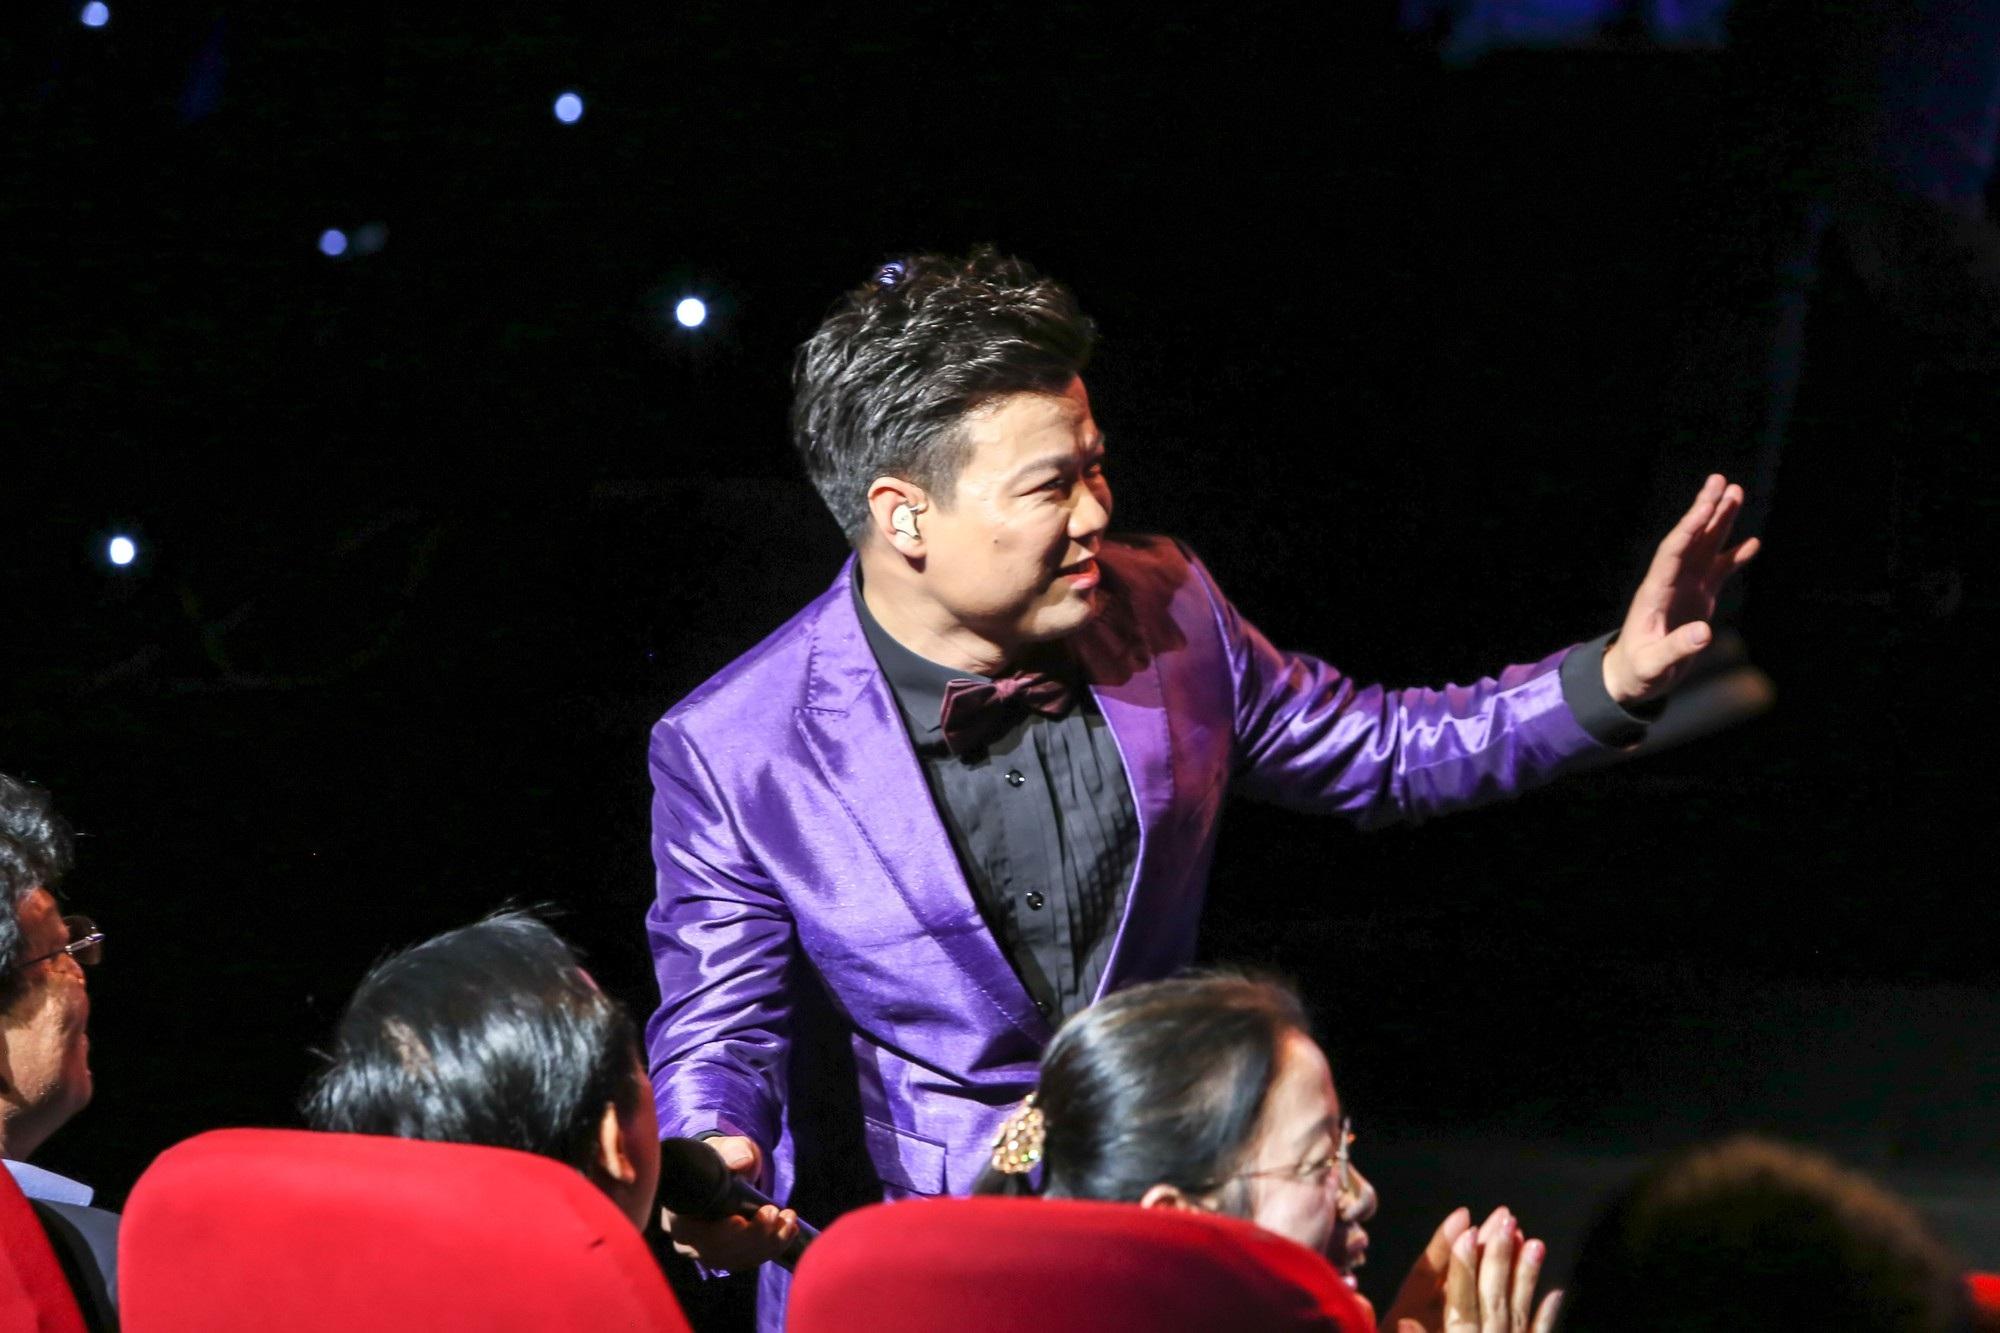 Ca sĩ Vũ Thắng Lợi bật khóc trên sân khấu khi nhắc đến bố mẹ - Ảnh 3.